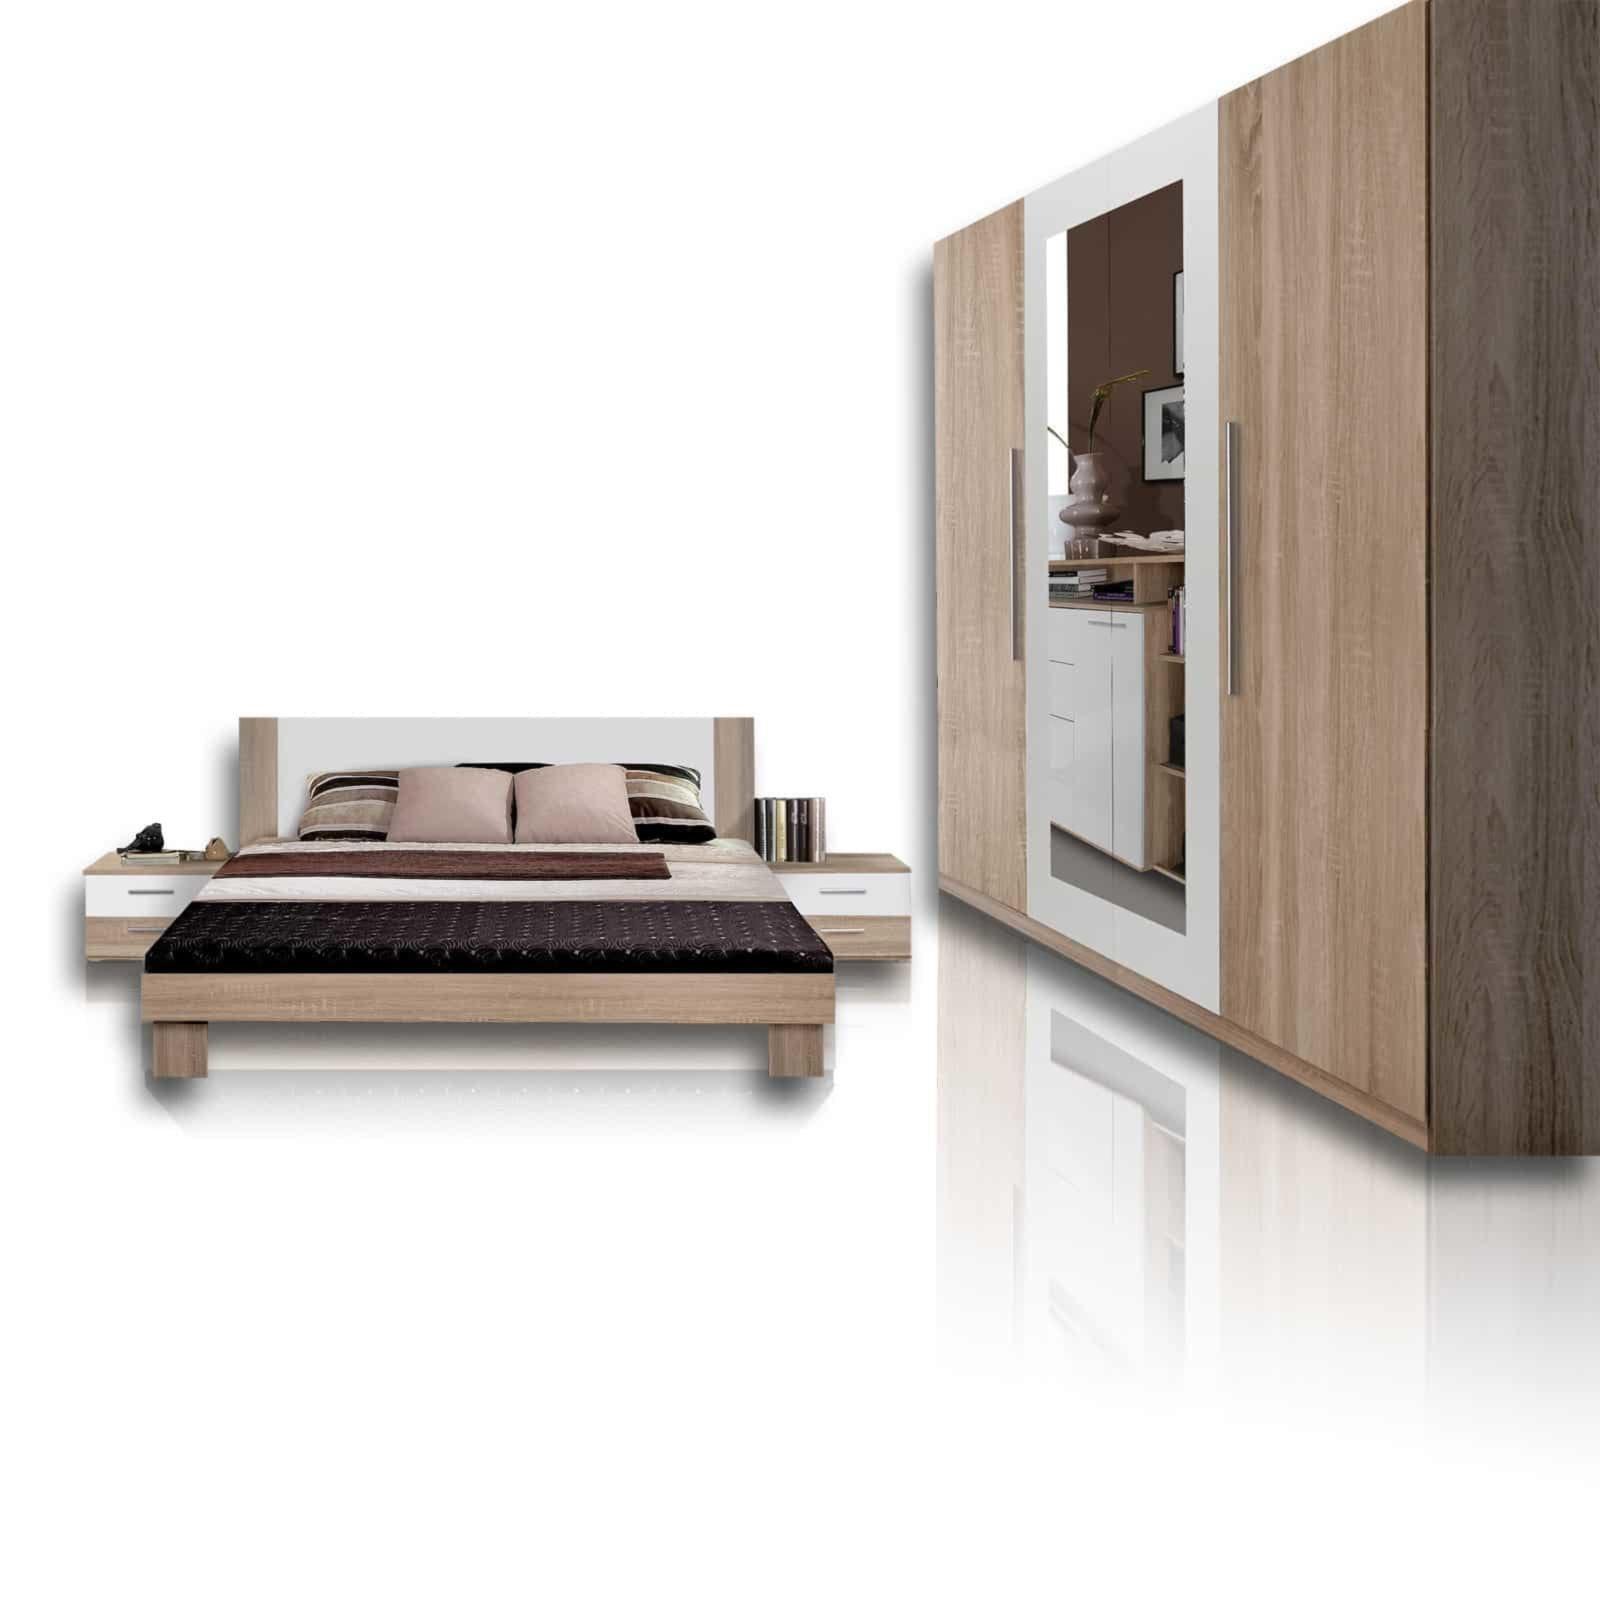 Superior Schlafzimmer Komplett Roller #11: Schlafzimmer HELEN - 4-teilig - Eiche Sonoma